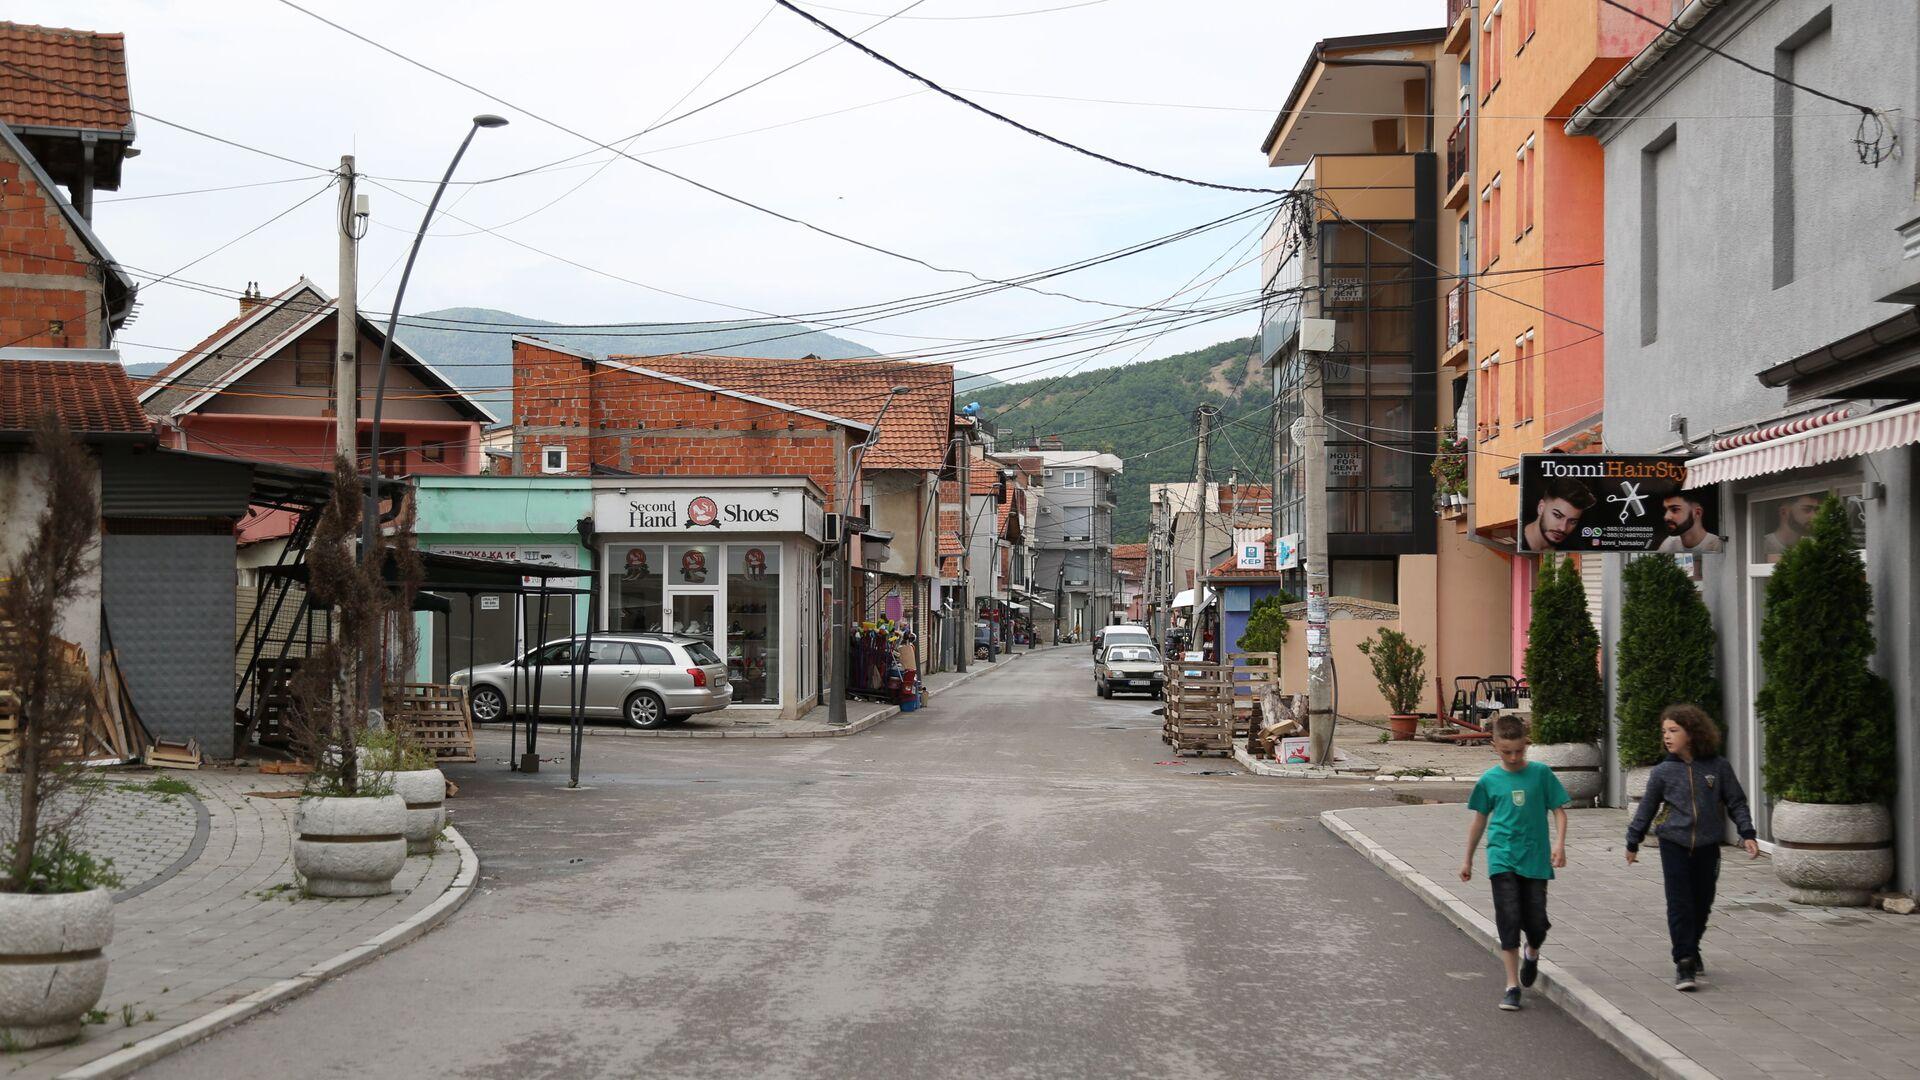 Готово пусте улице у Бошњачкој махали - Sputnik Србија, 1920, 27.09.2021